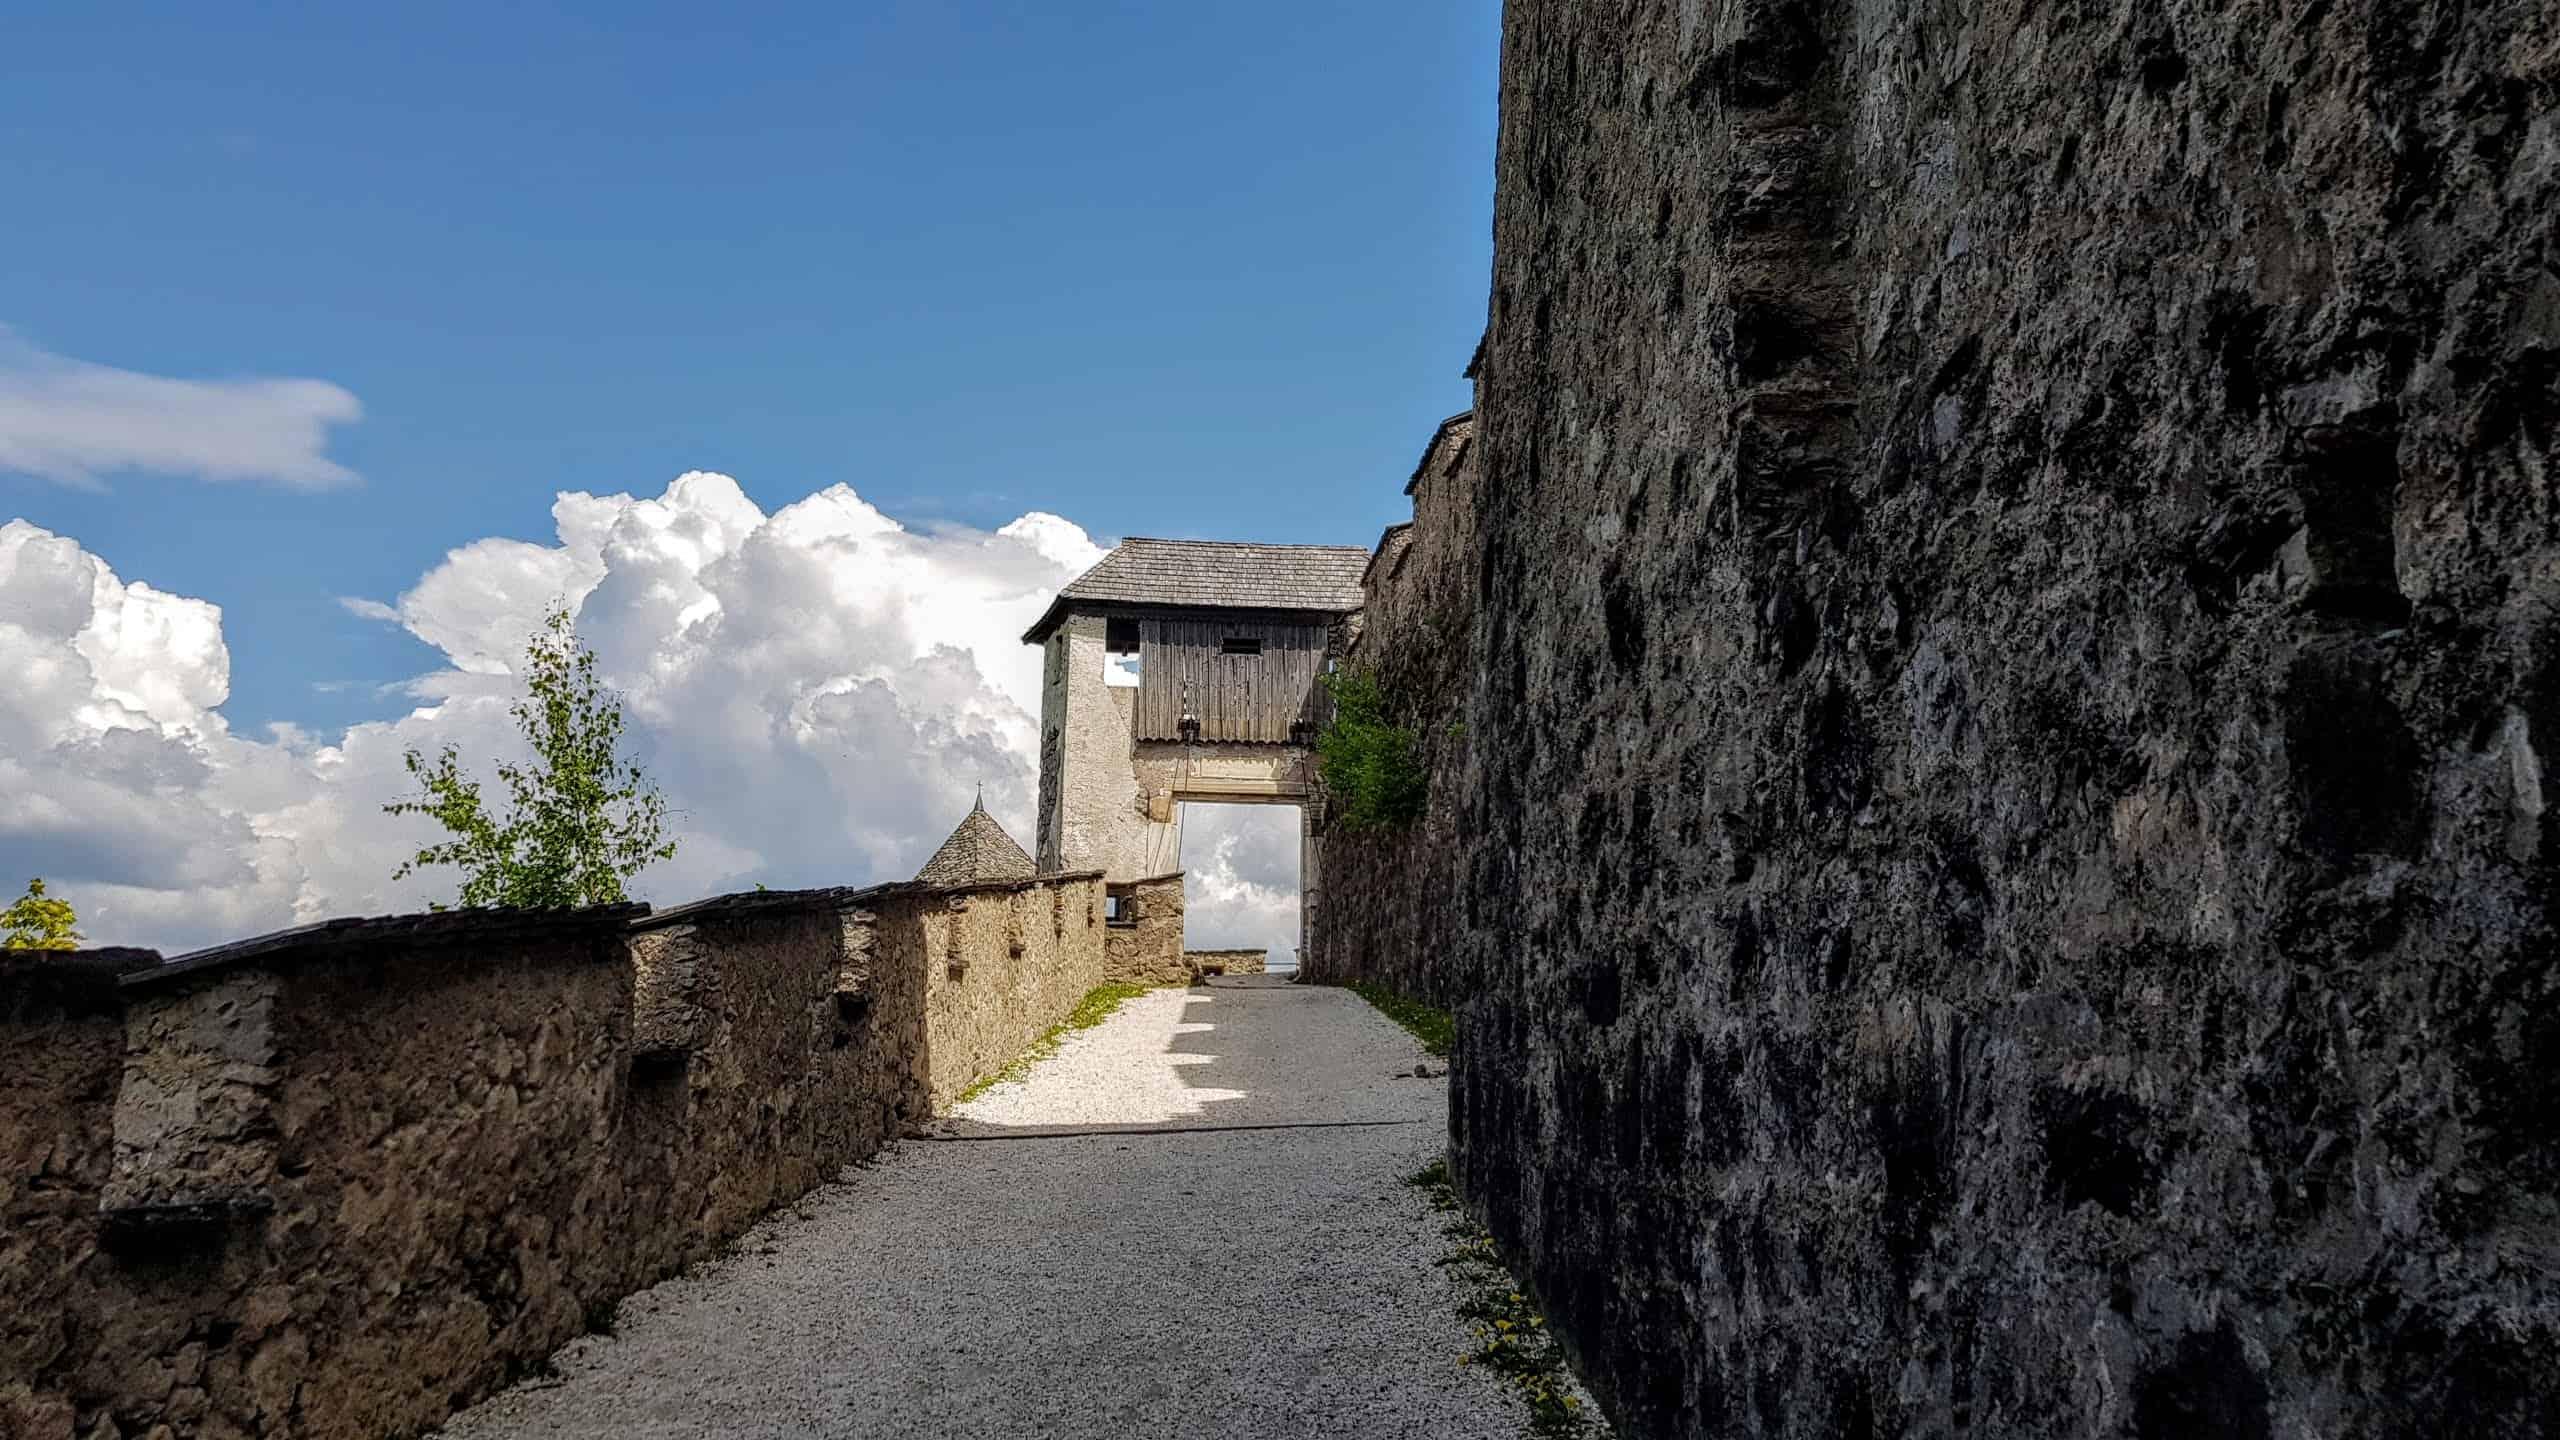 Kinderwagentauglicher Fußweg und Ausflug auf die Burg Hochosterwitz in Kärnten